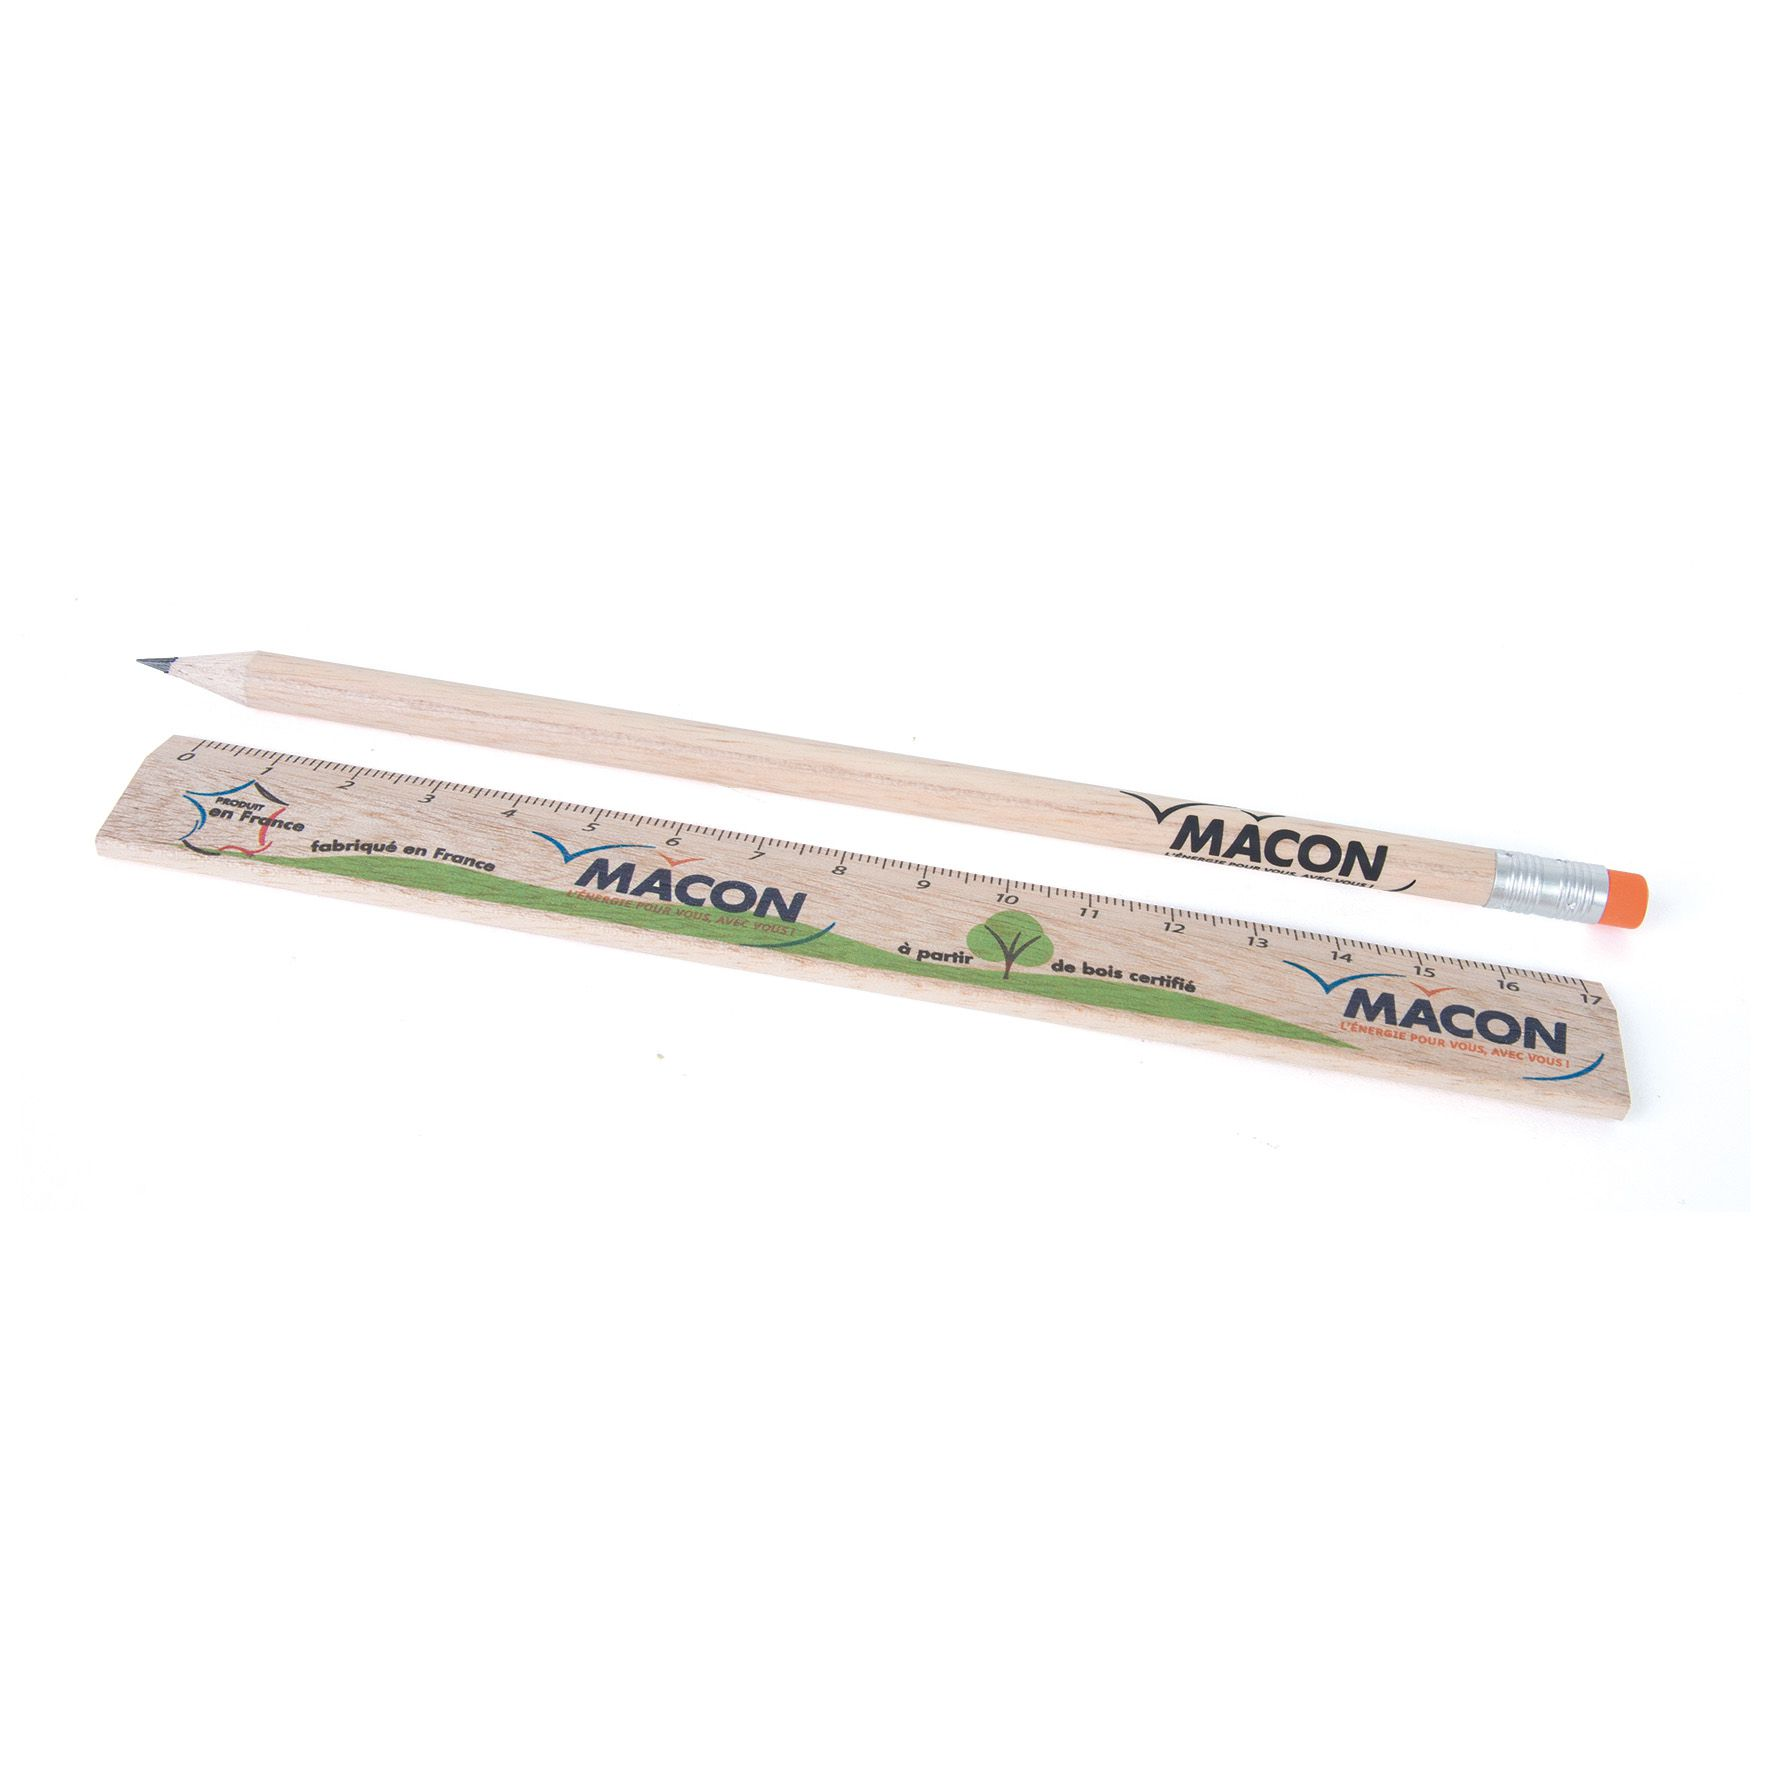 Ensemble de papeterie personnalisable comprenant un crayon papier et une règle publicitaire en bois